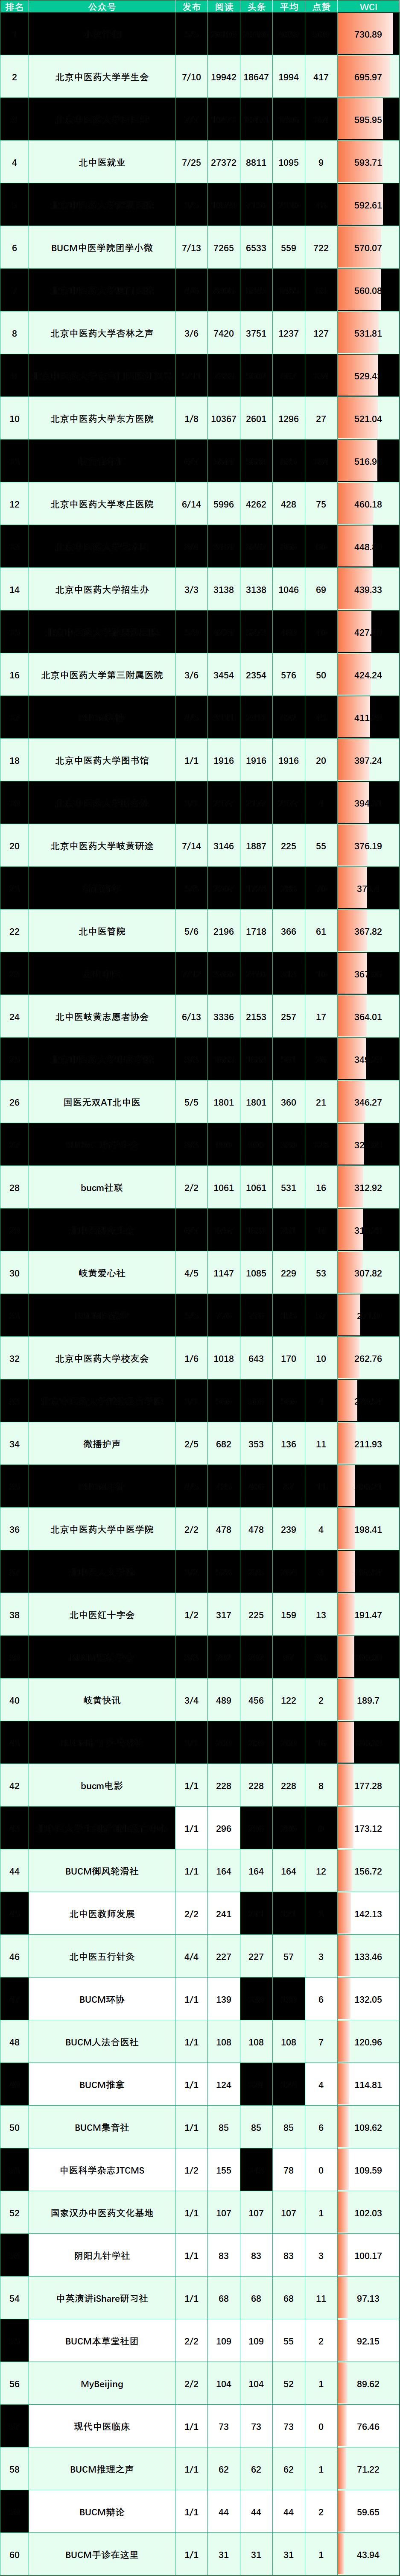 榜单来啦!(11.15-11.21)图片